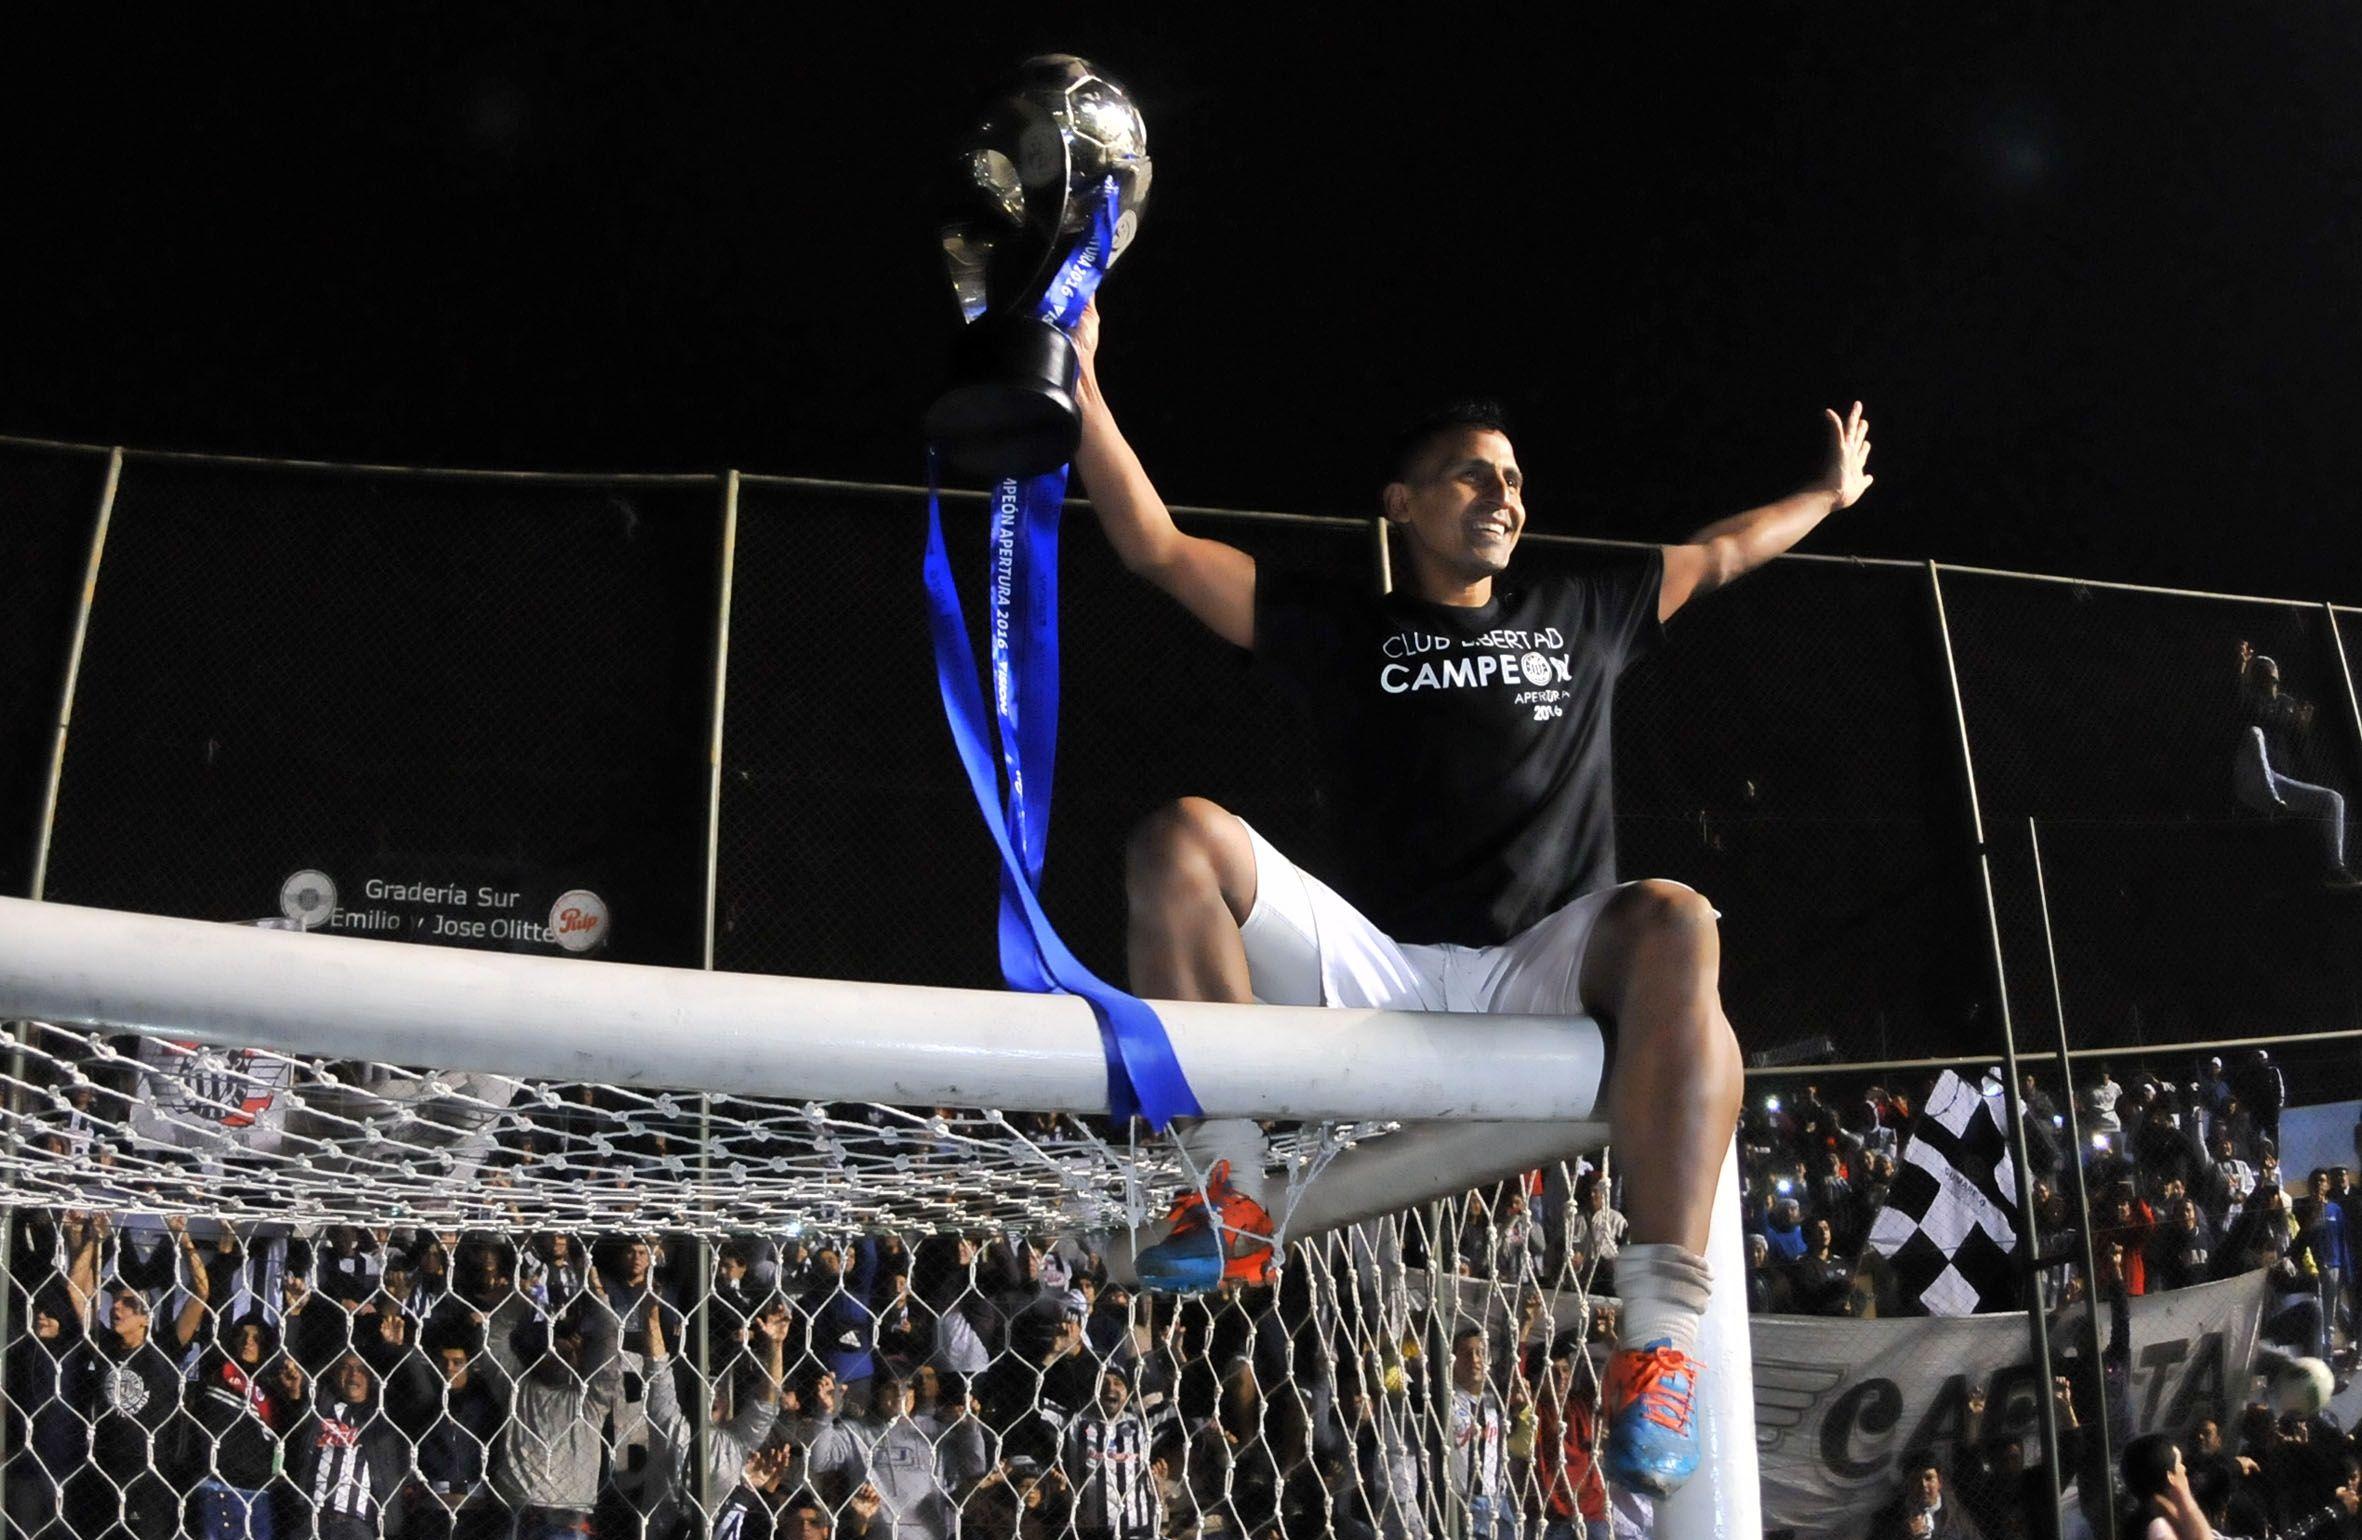 El Pato Aquino y un título más en su carrera. Foto: Fernando Calistro - Última Hora.